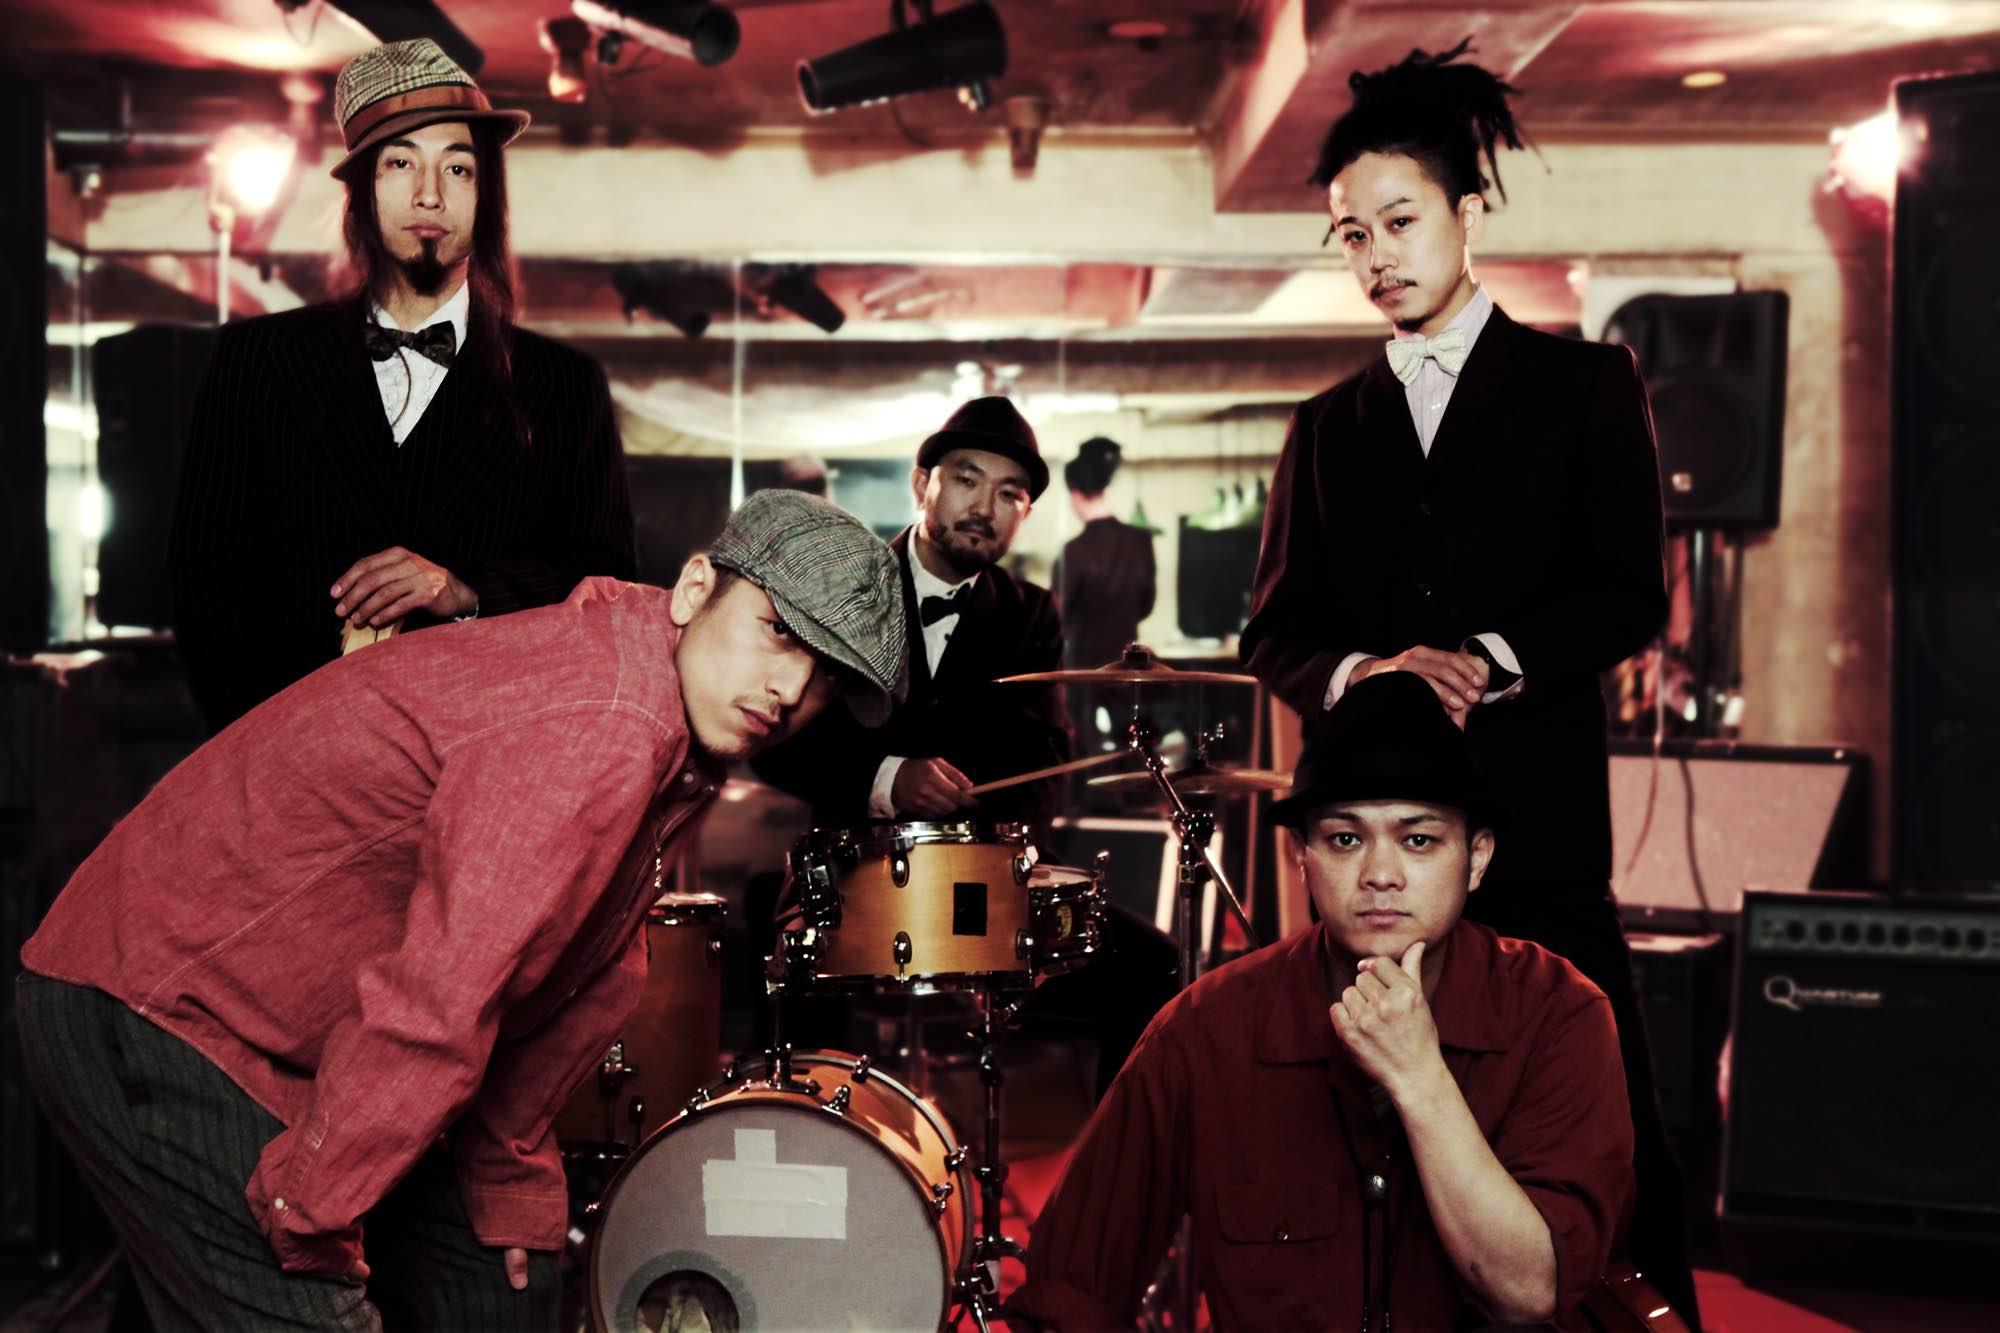 【Interview】日本最高峰のヒップホップバンド「韻シスト」インタビュー【Part1】STUDIO韻シスト、COCOLO BLAND、クリエイティブプロセスについて